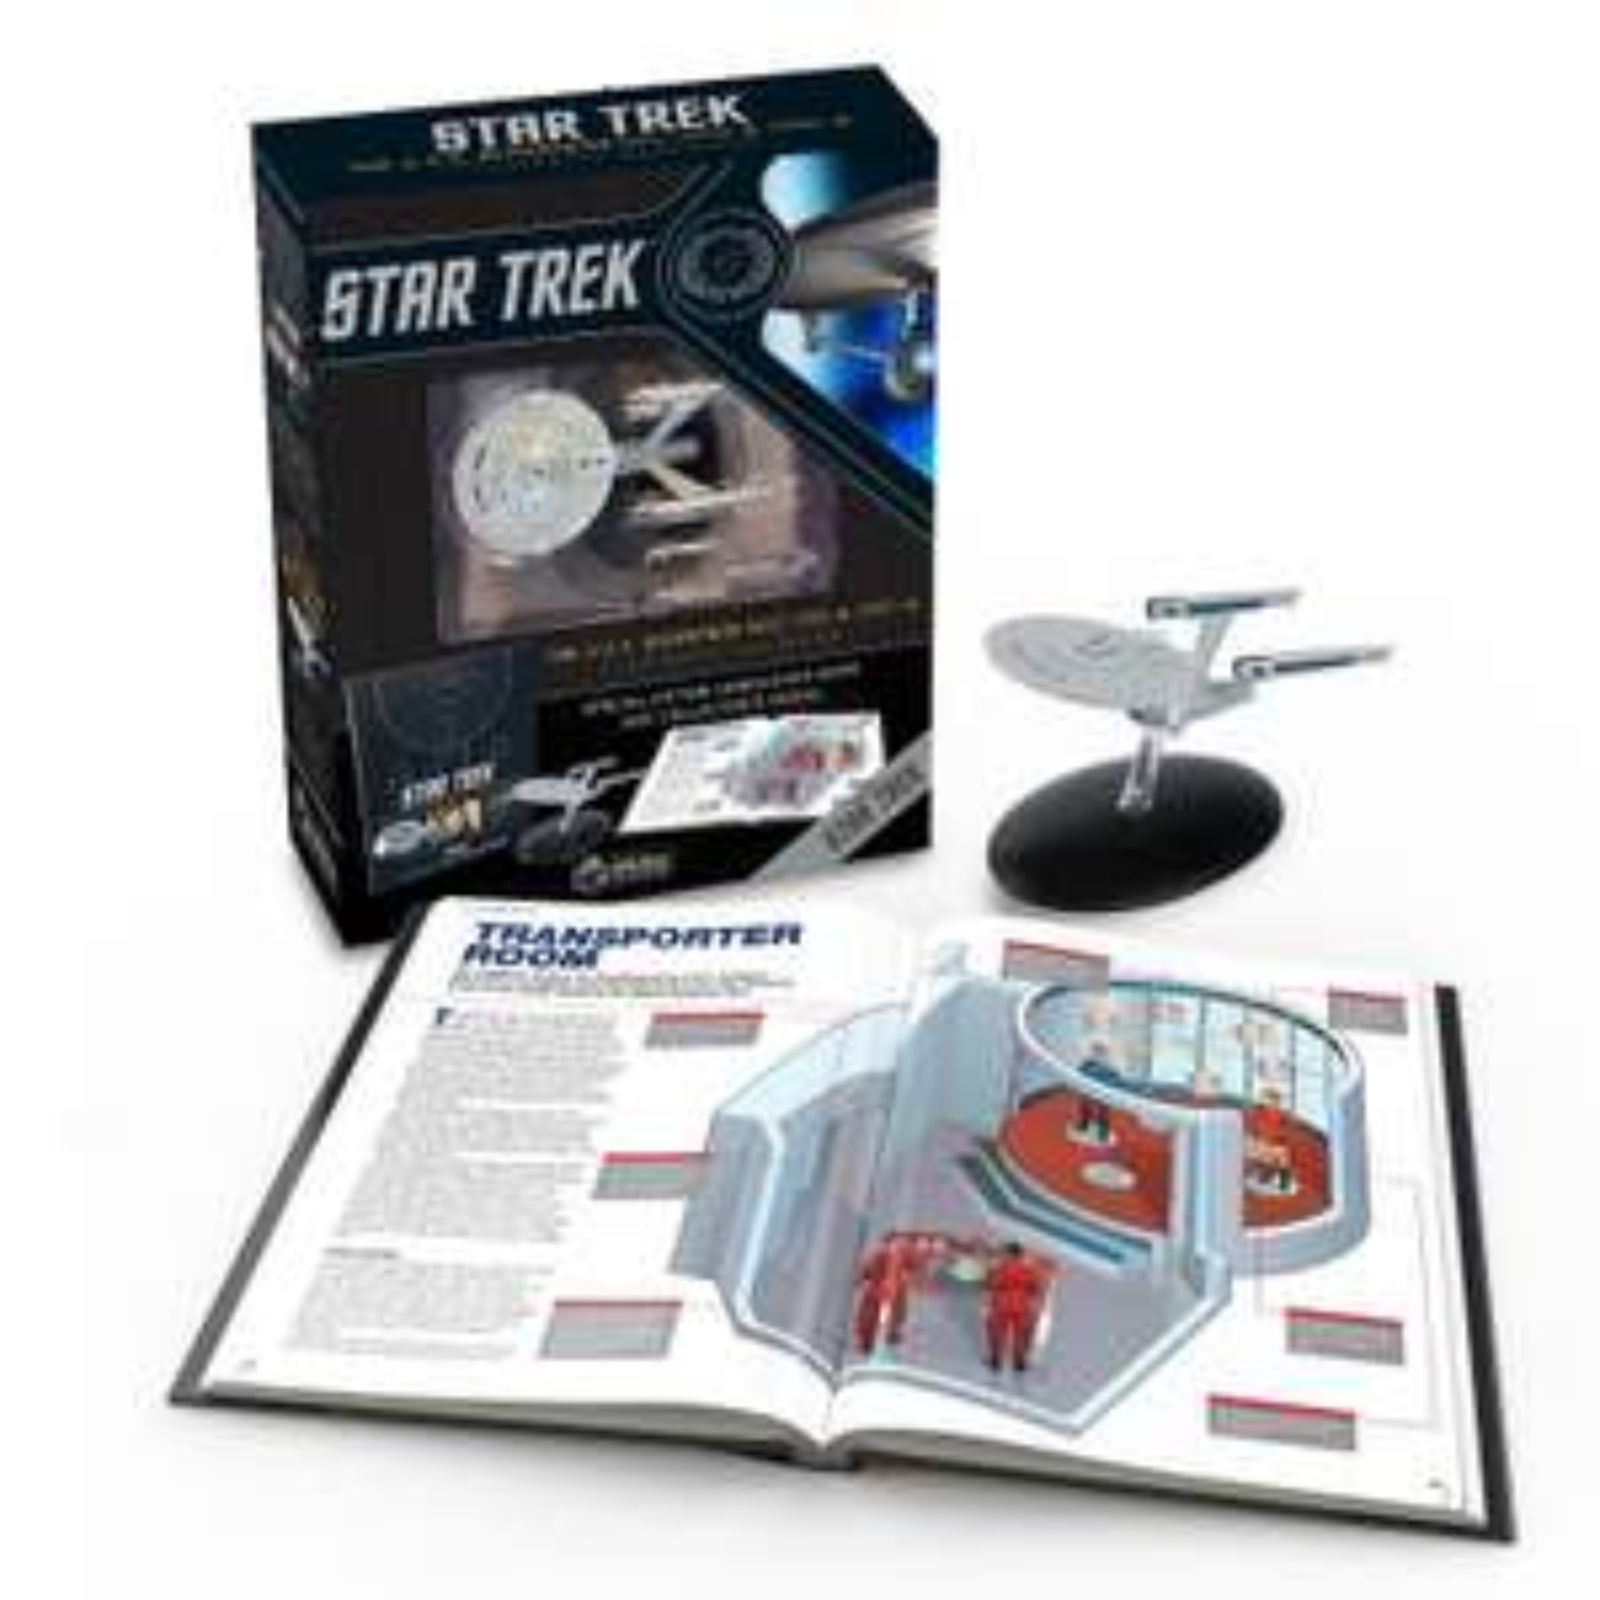 Verschiedene Bücher zum Teil inkl. Figuren (z.B. Star Wars, DC, Marvel, Star Trek ) z.B. U.S.S. Enterprise NCC-1701 Handbook + Collectible